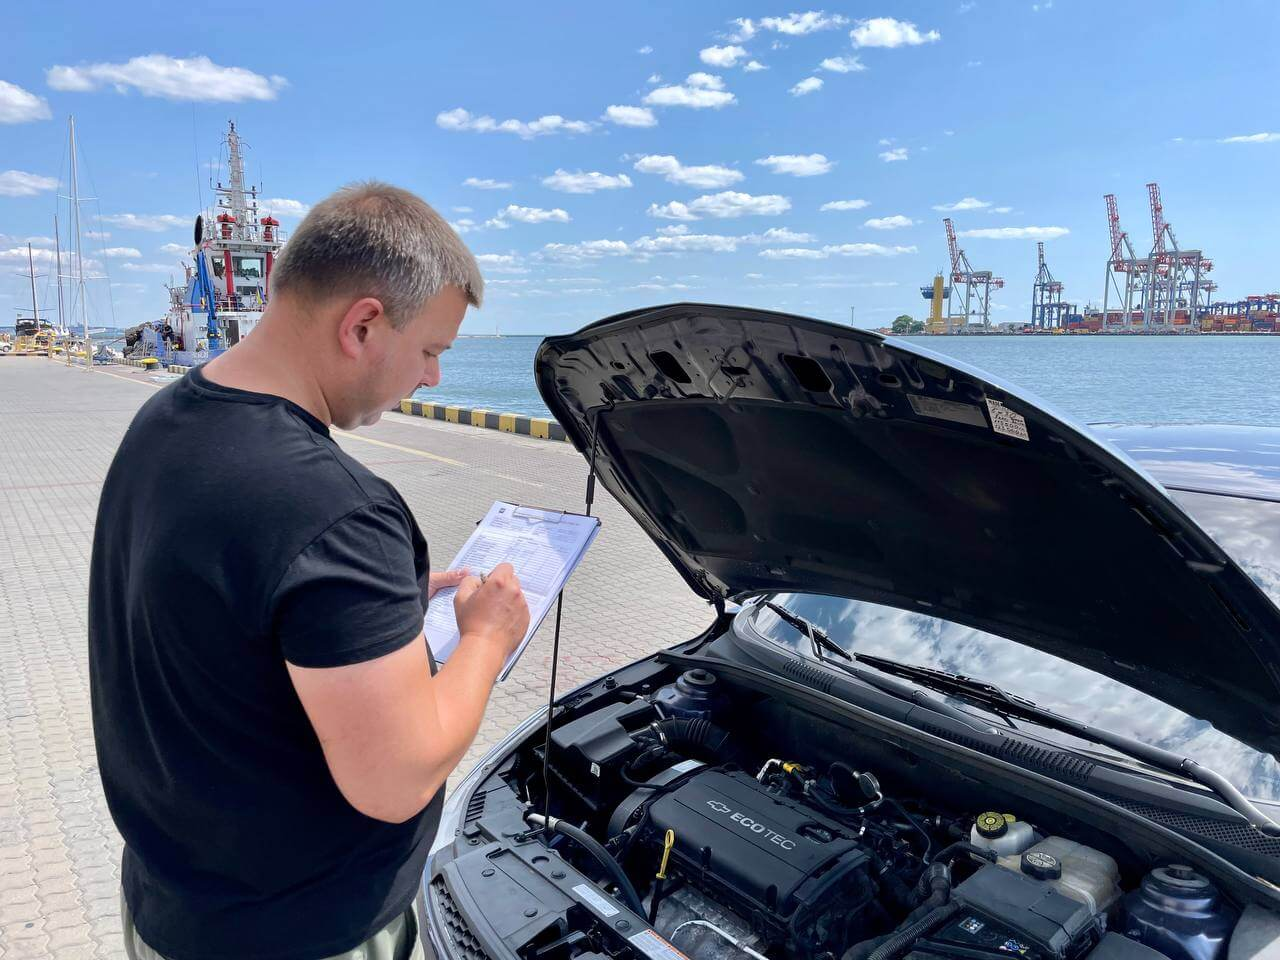 Диагностика автомобиля перед покупкой в Одессе